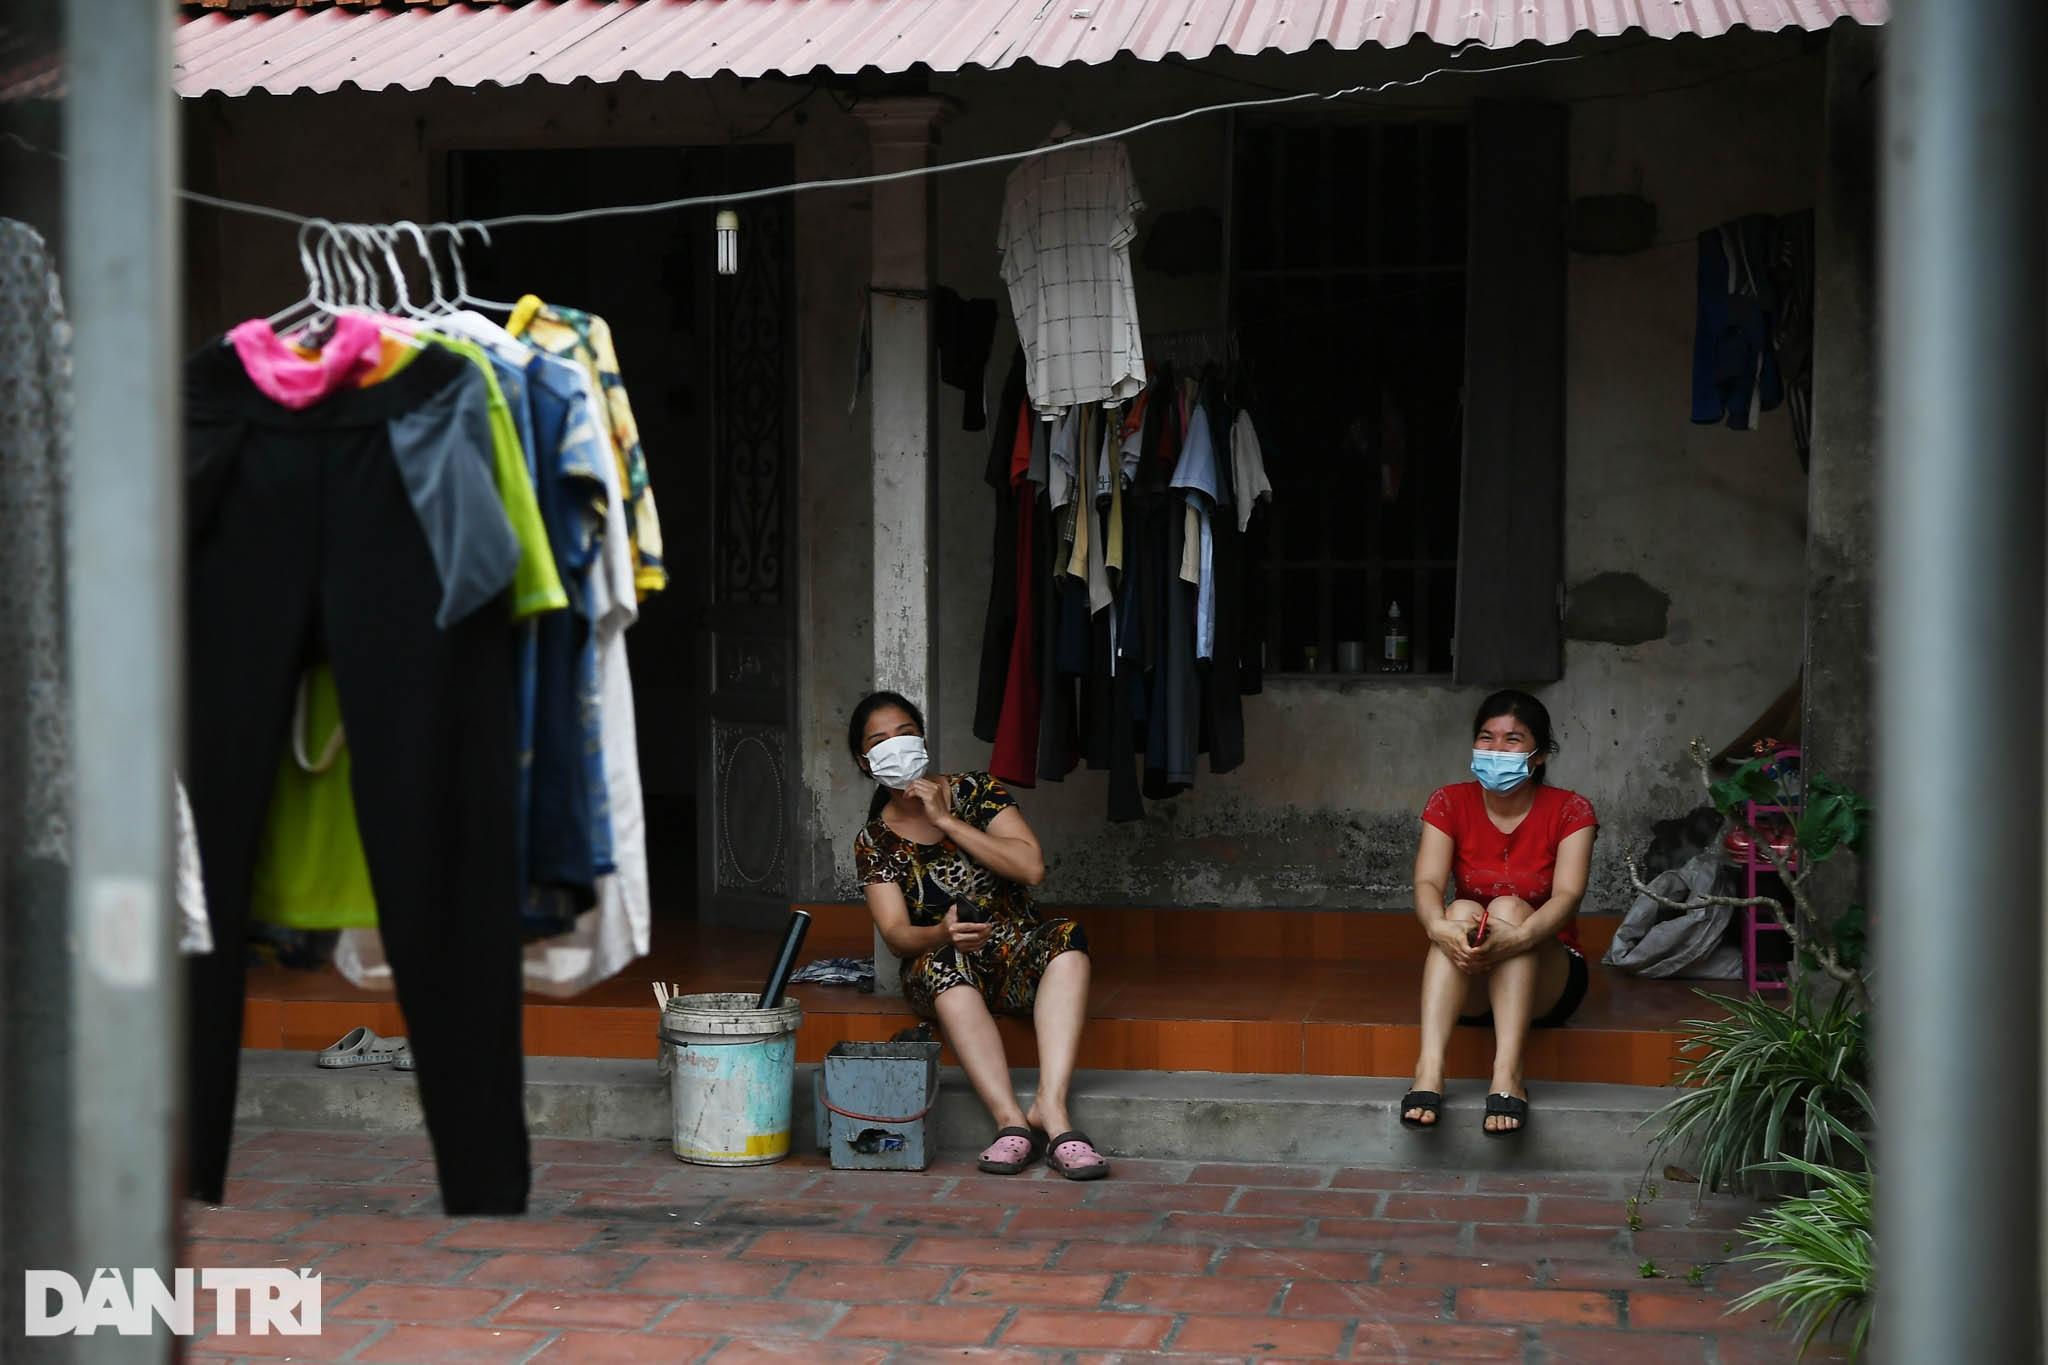 Cuộc sống khu dân cư cách ly ở Hà Nội: Cầu trời cho dịch bệnh qua nhanh - 17